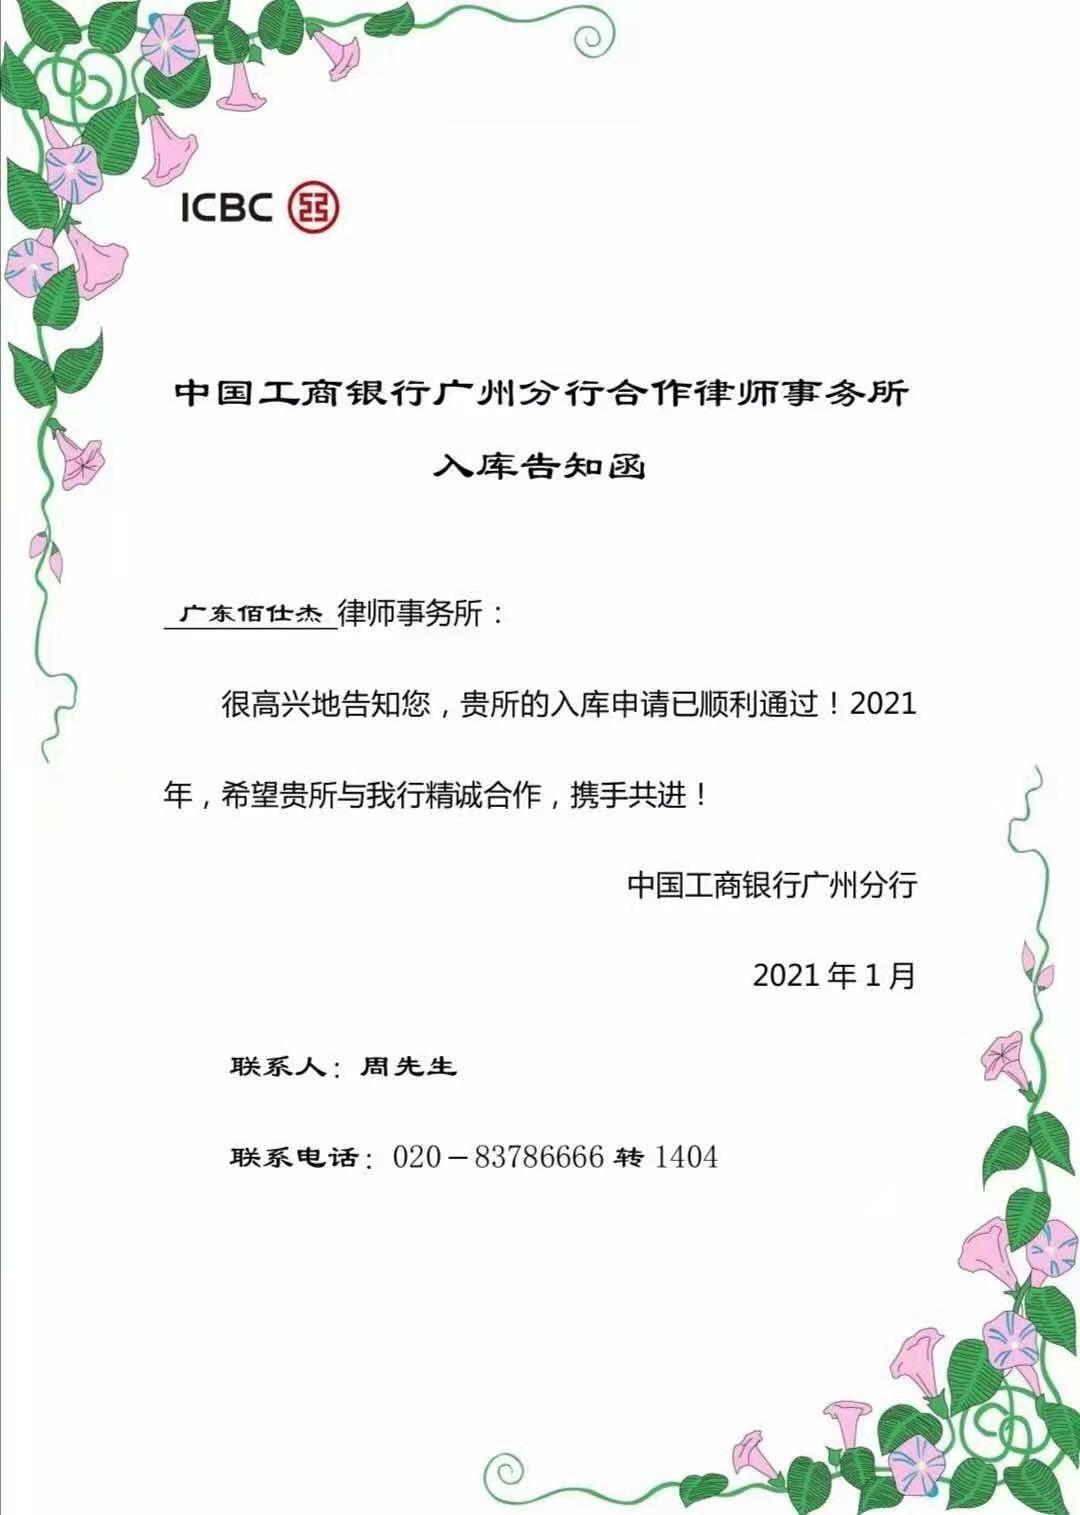 广州企业法律顾问律师团队中标中国农业银行股份有限公司东莞分行法律服务项目